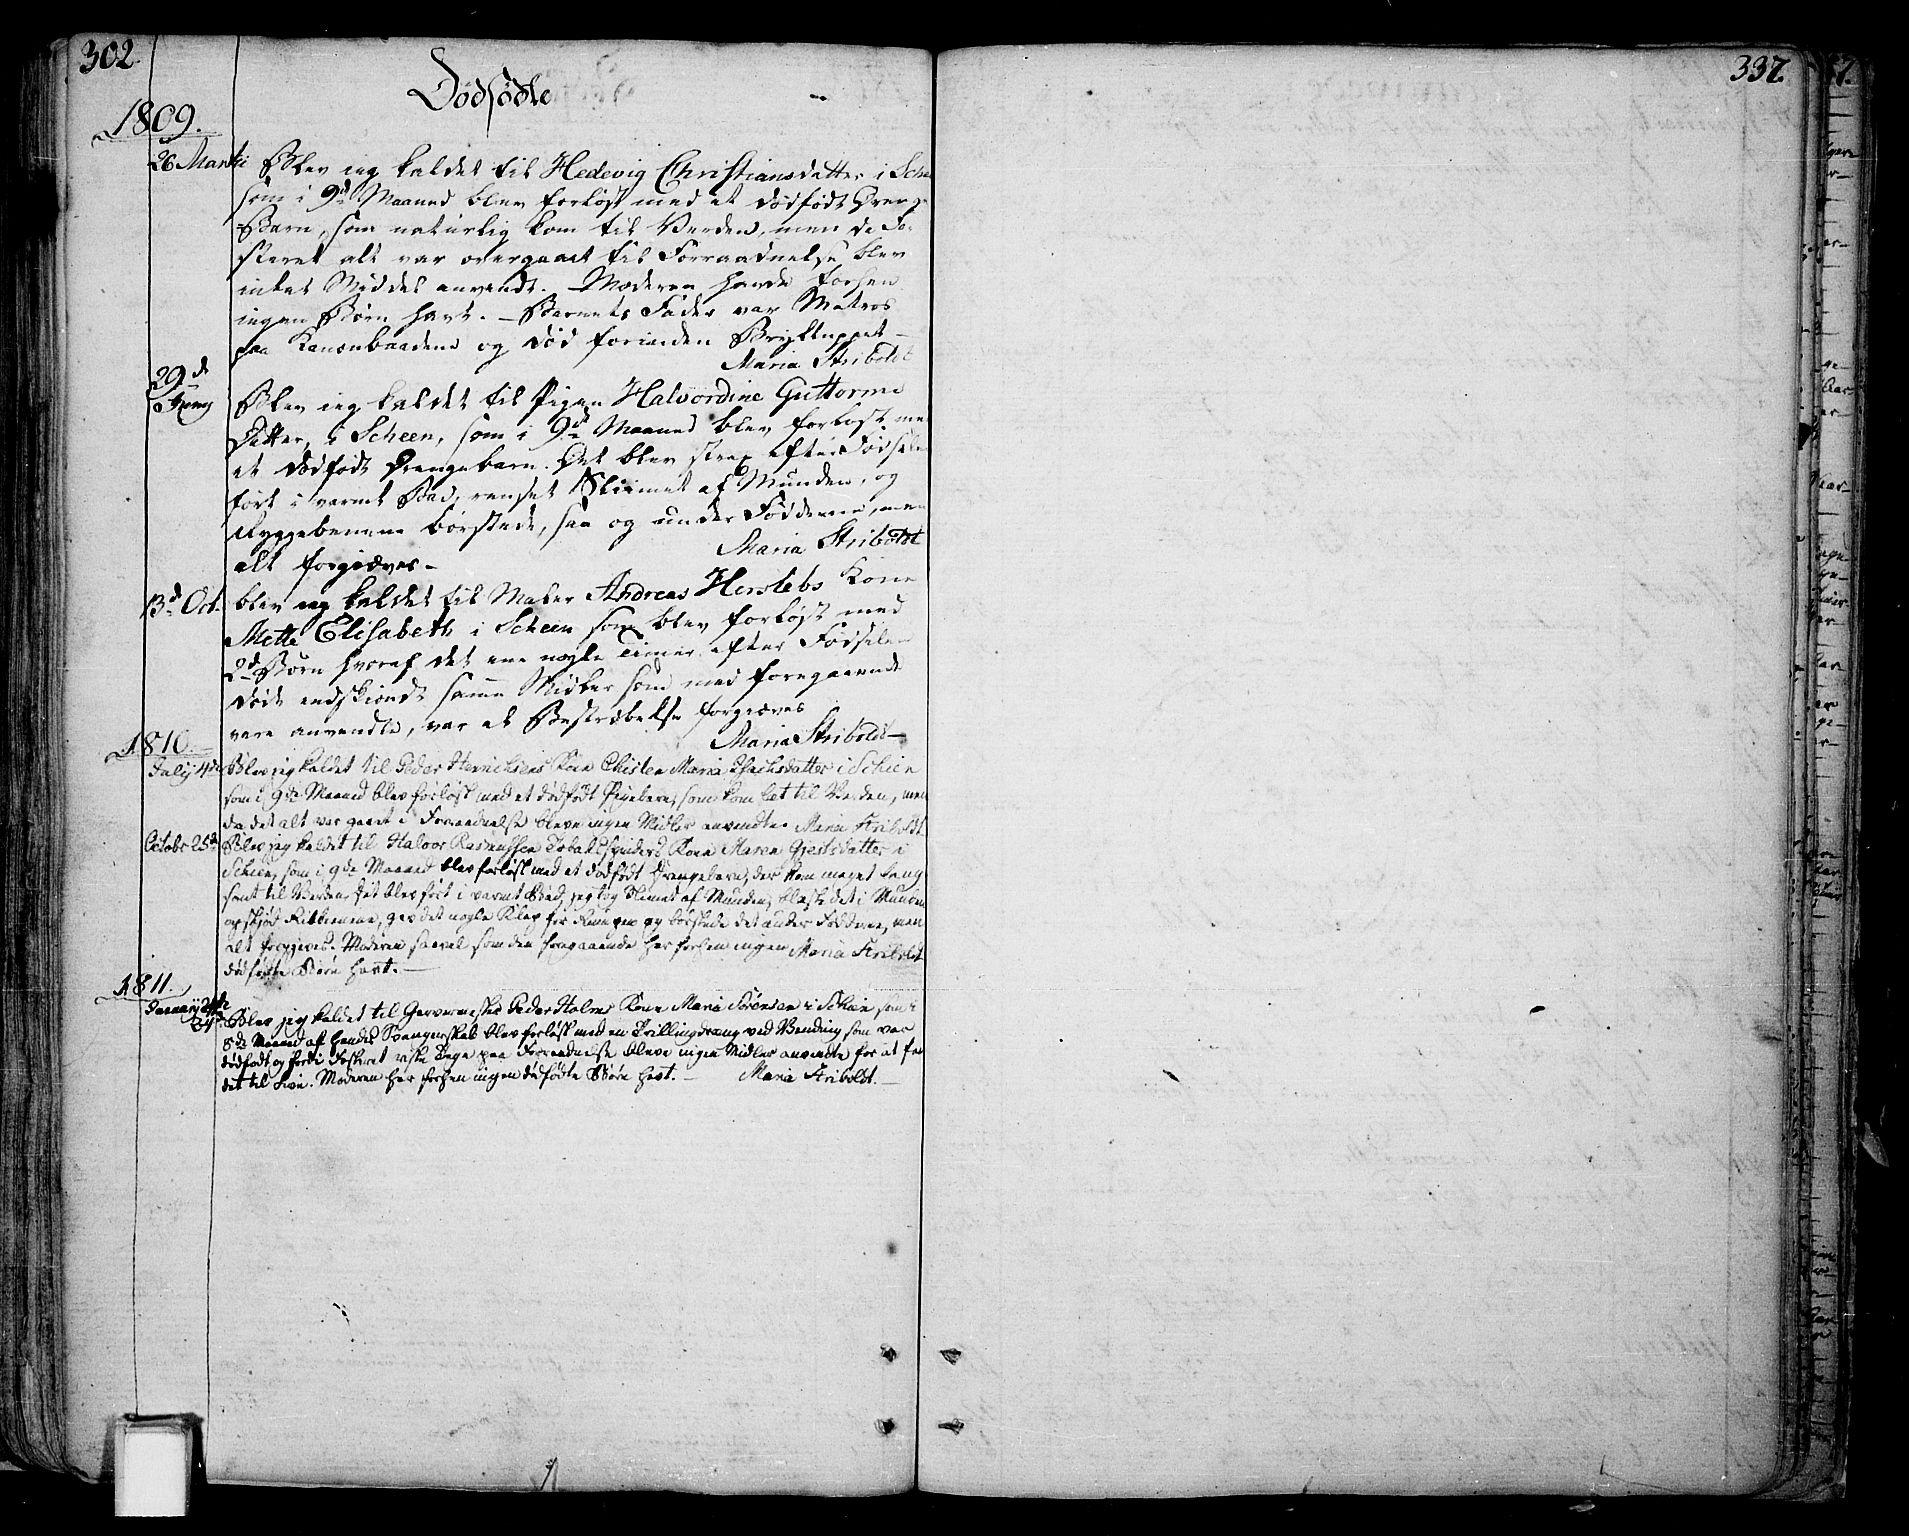 SAKO, Skien kirkebøker, F/Fa/L0004: Ministerialbok nr. 4, 1792-1814, s. 302-303